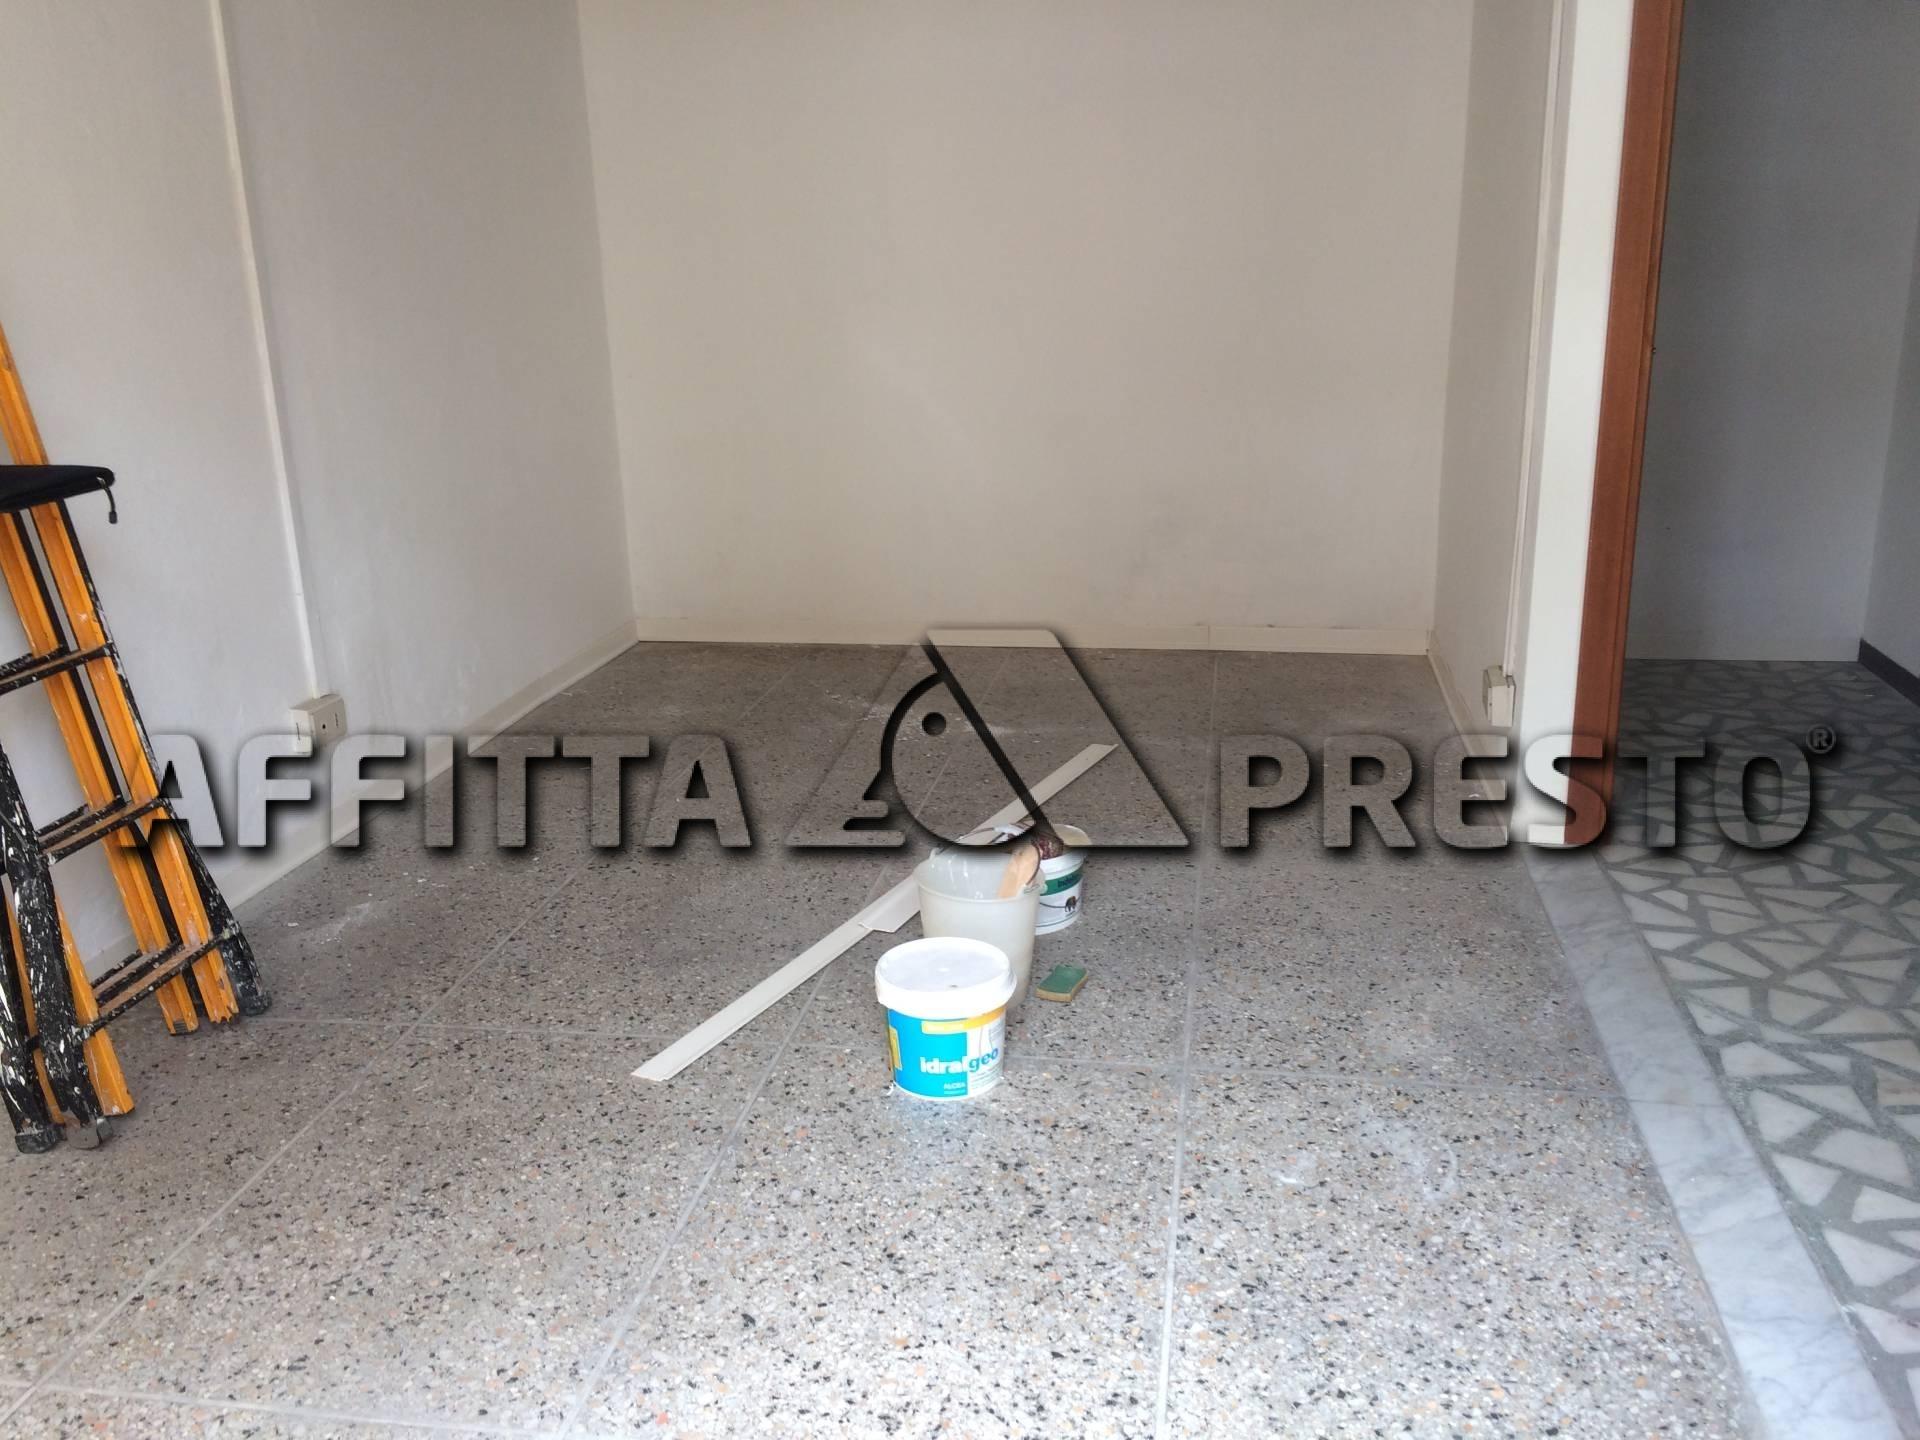 Attività commerciale in affitto a Cascina (PI)